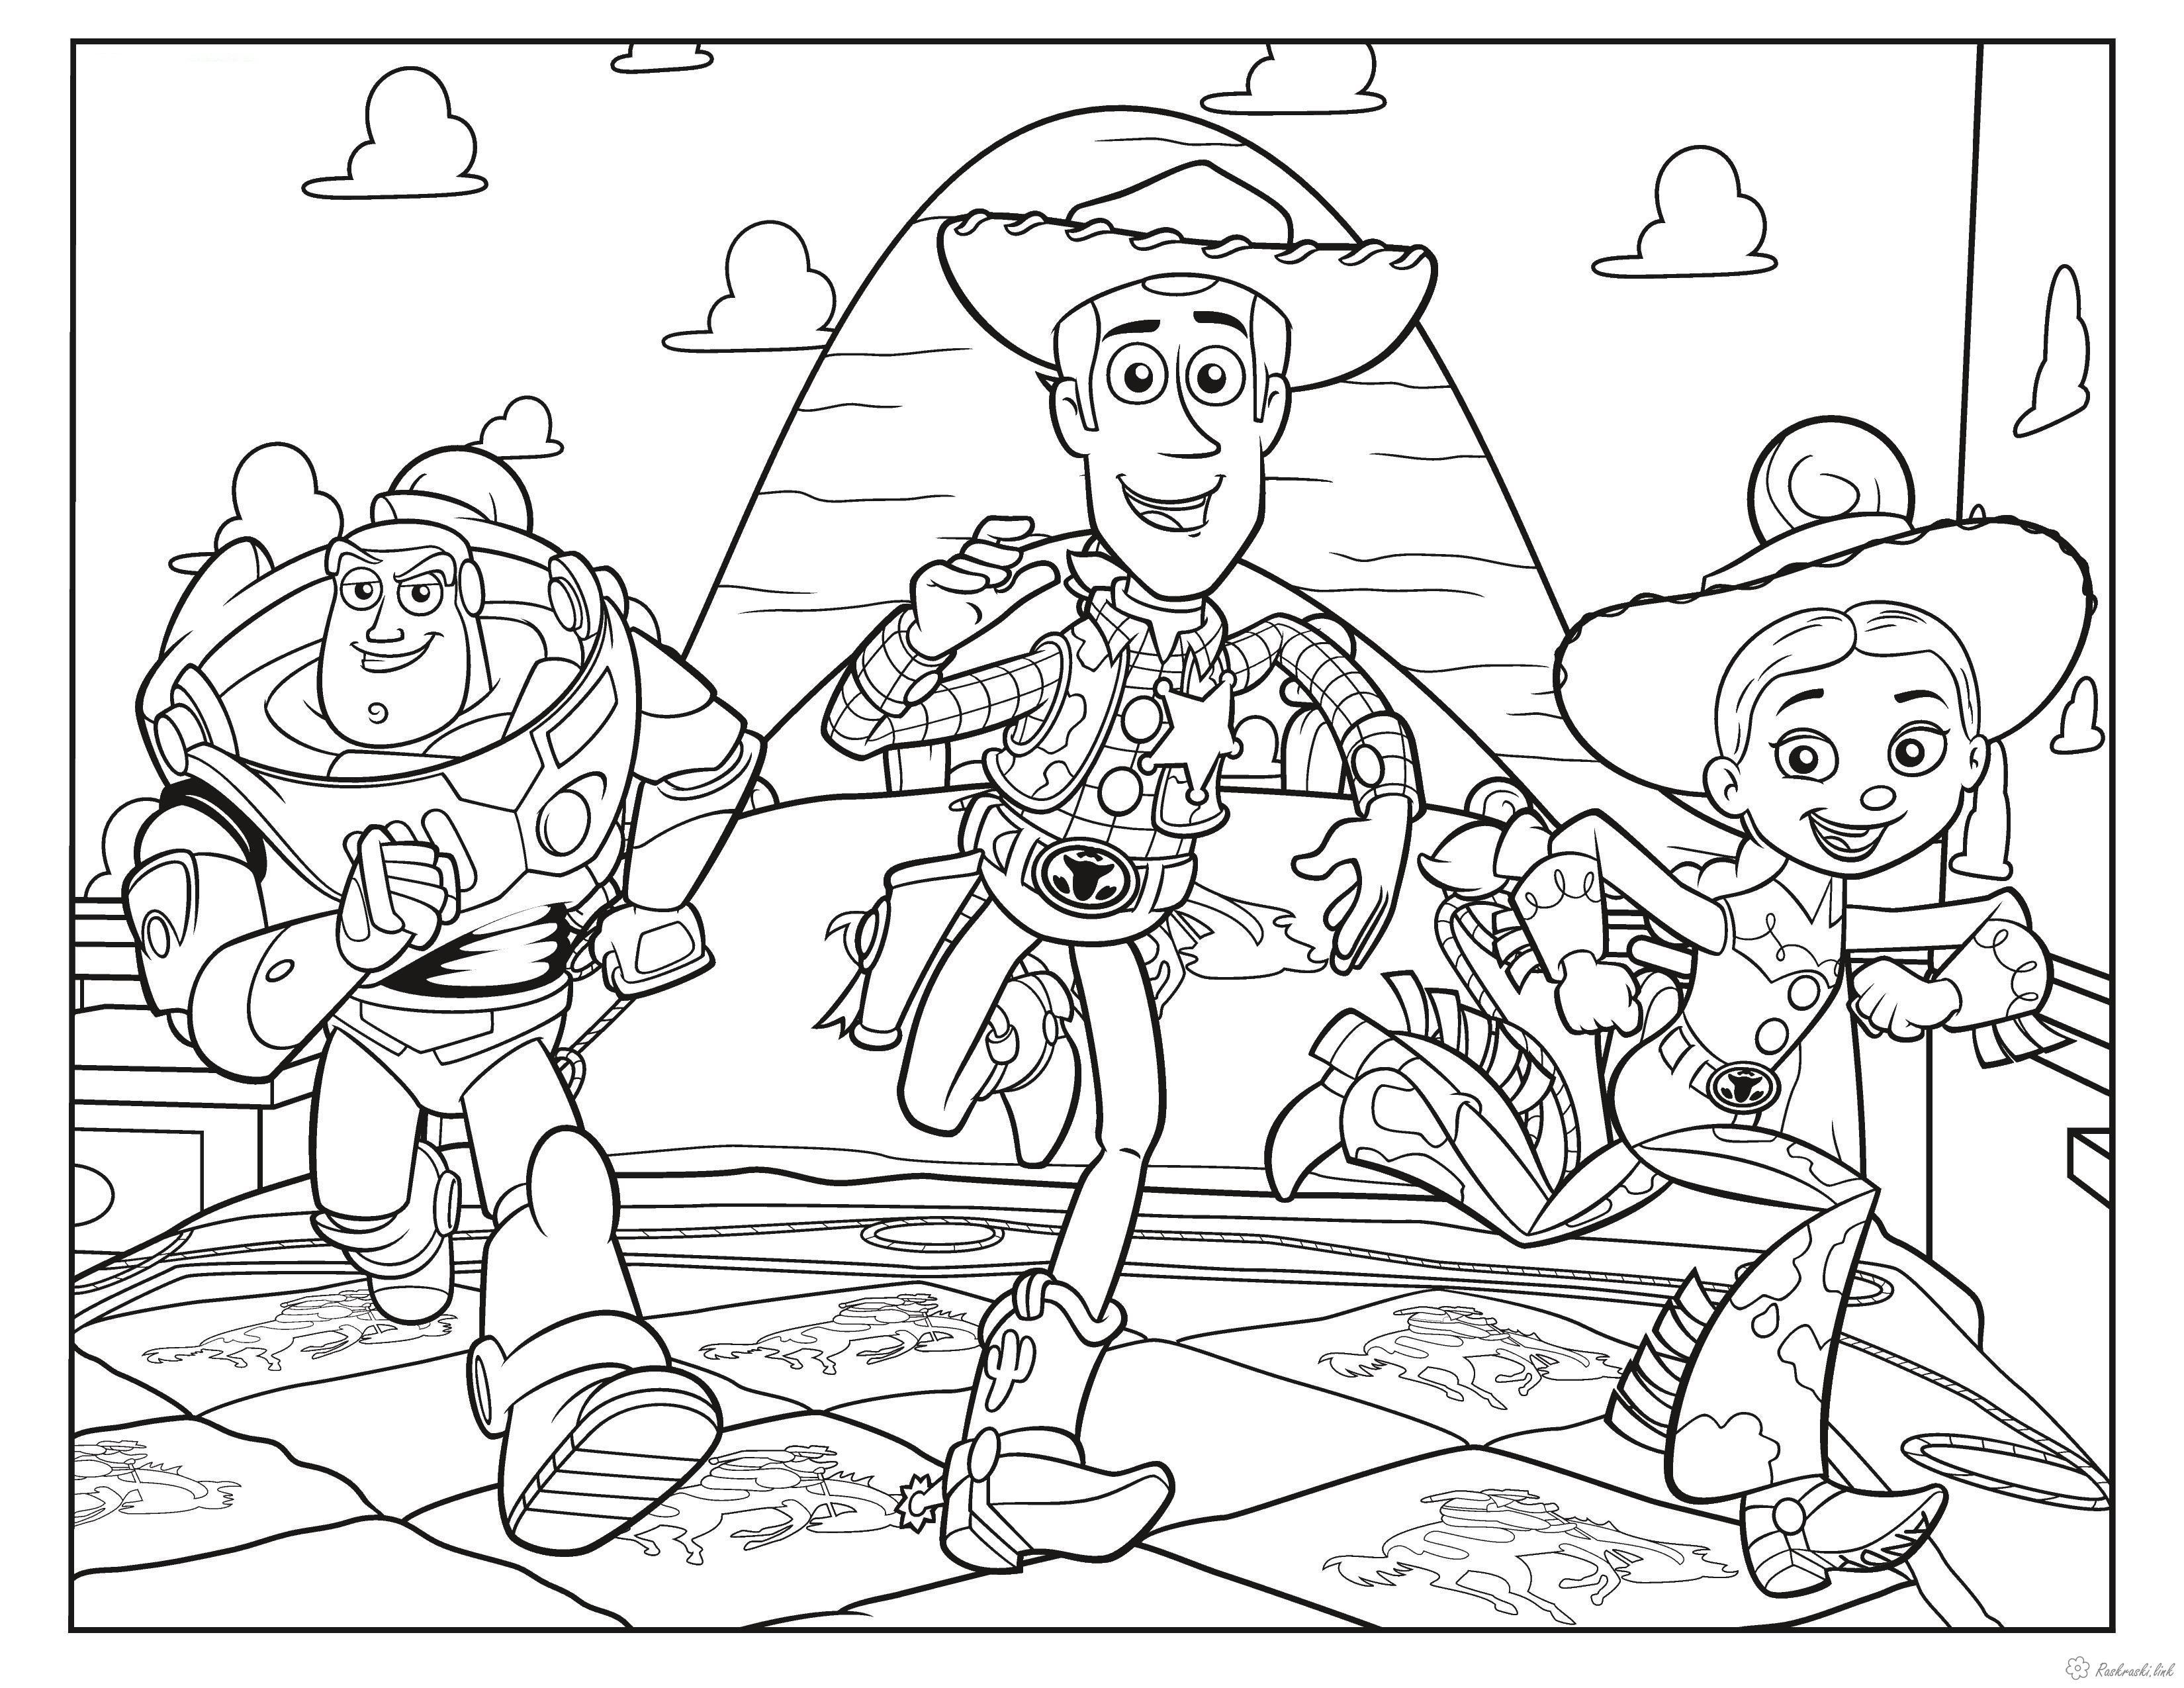 Розмальовки Історія іграшок Історія іграшок, Джессі, іграшка